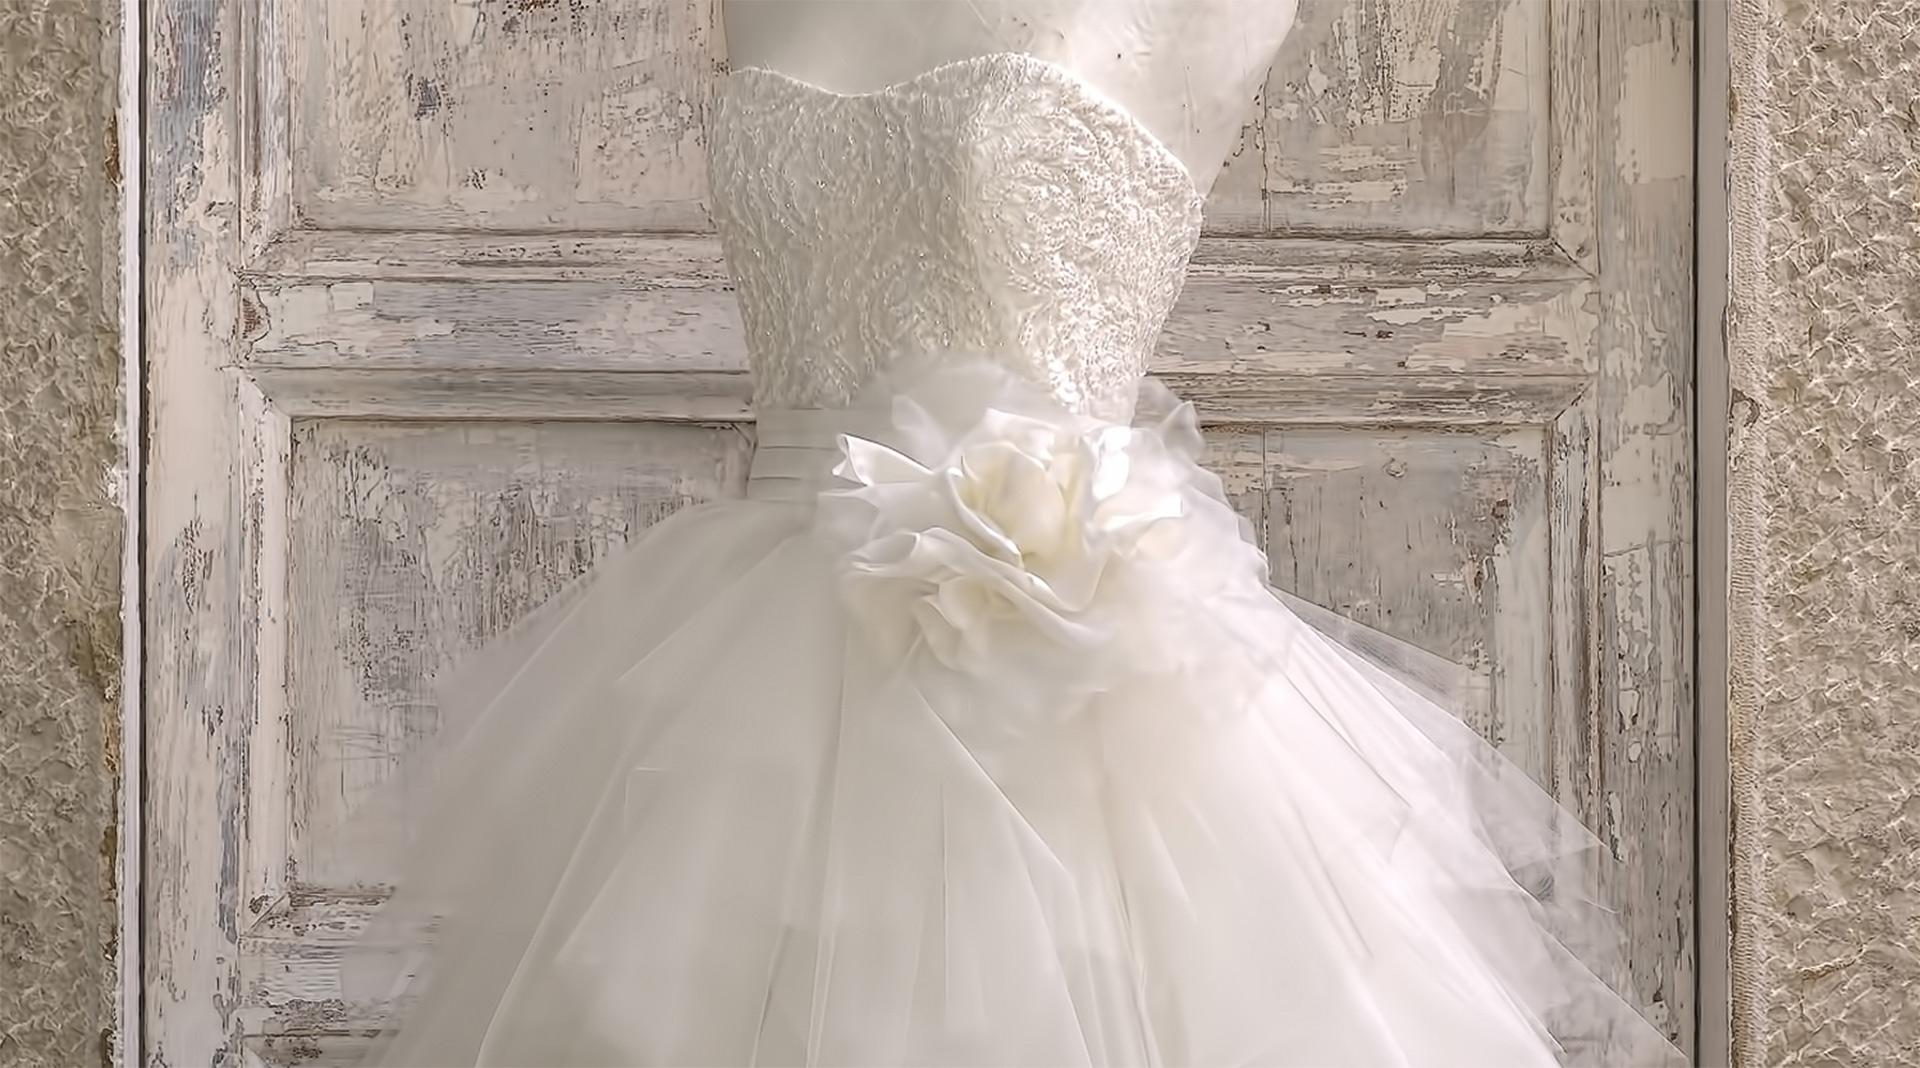 95cdf407414b Poesie di stoffa per il matrimonio dei tuoi sogni. Atelier 25 è una  boutique di abiti da sposa a Brescia ...